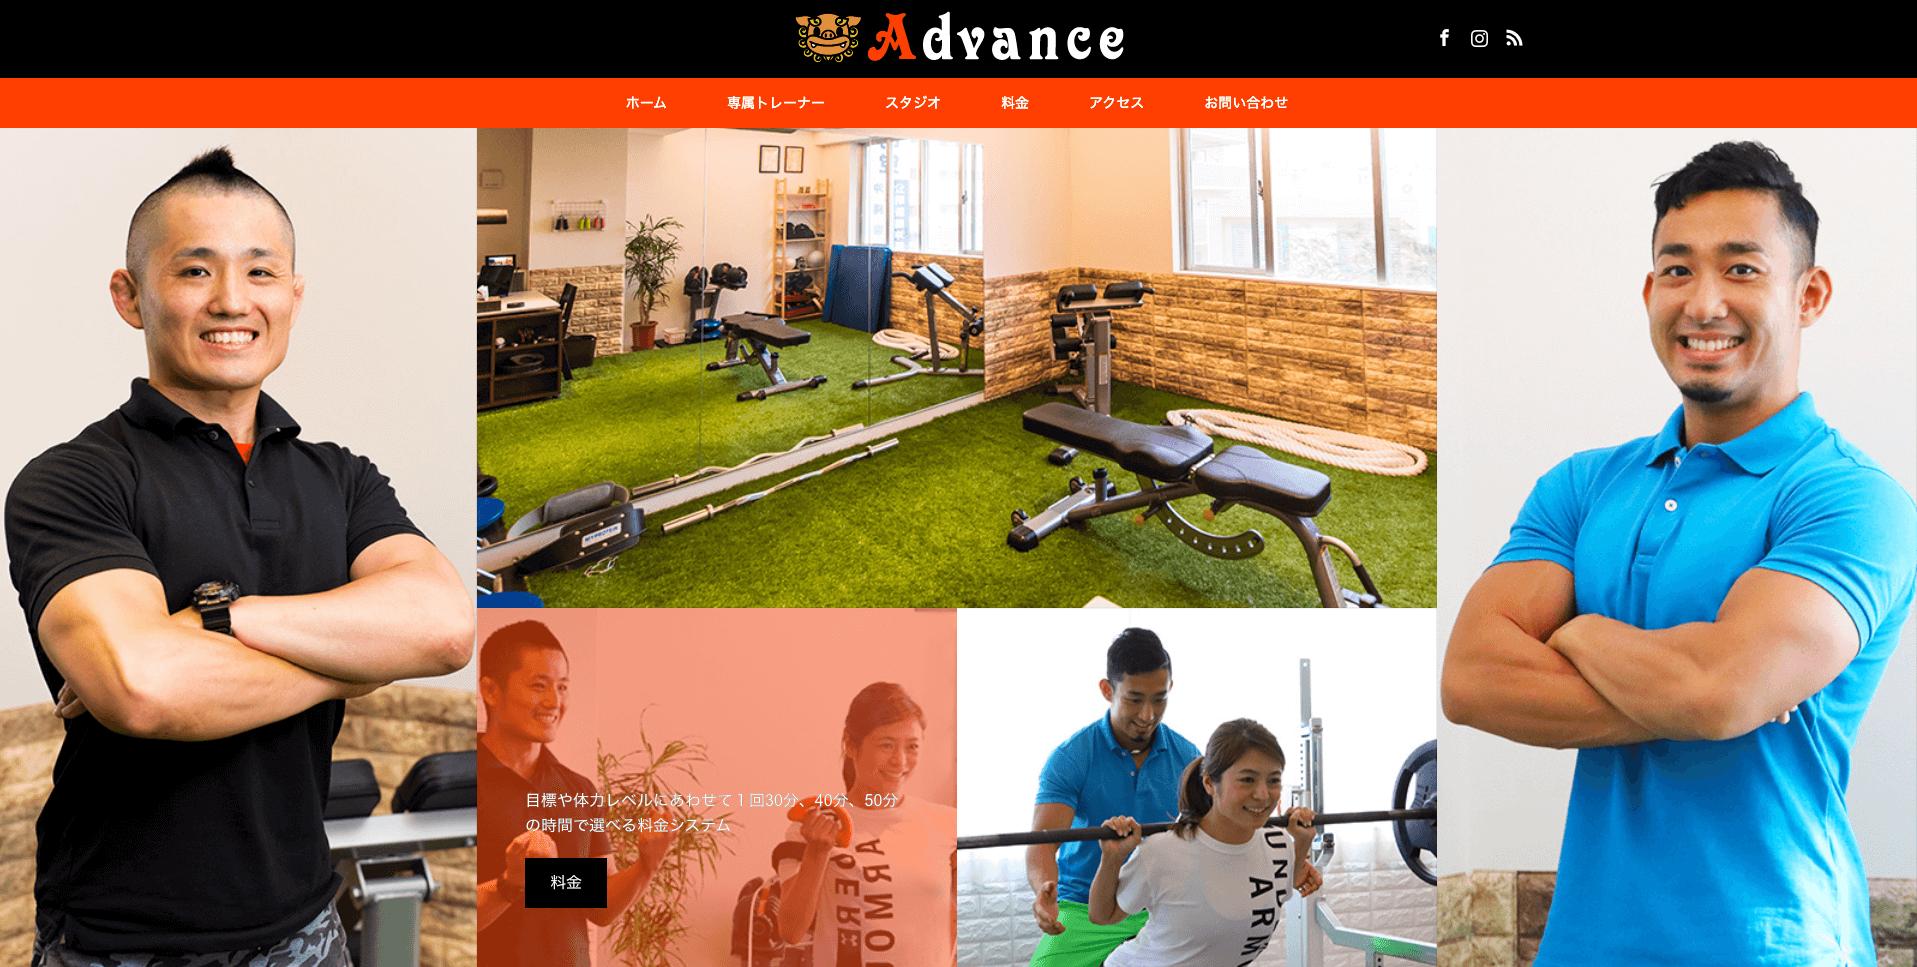 パーソナルトレーニングスタジオ Advance